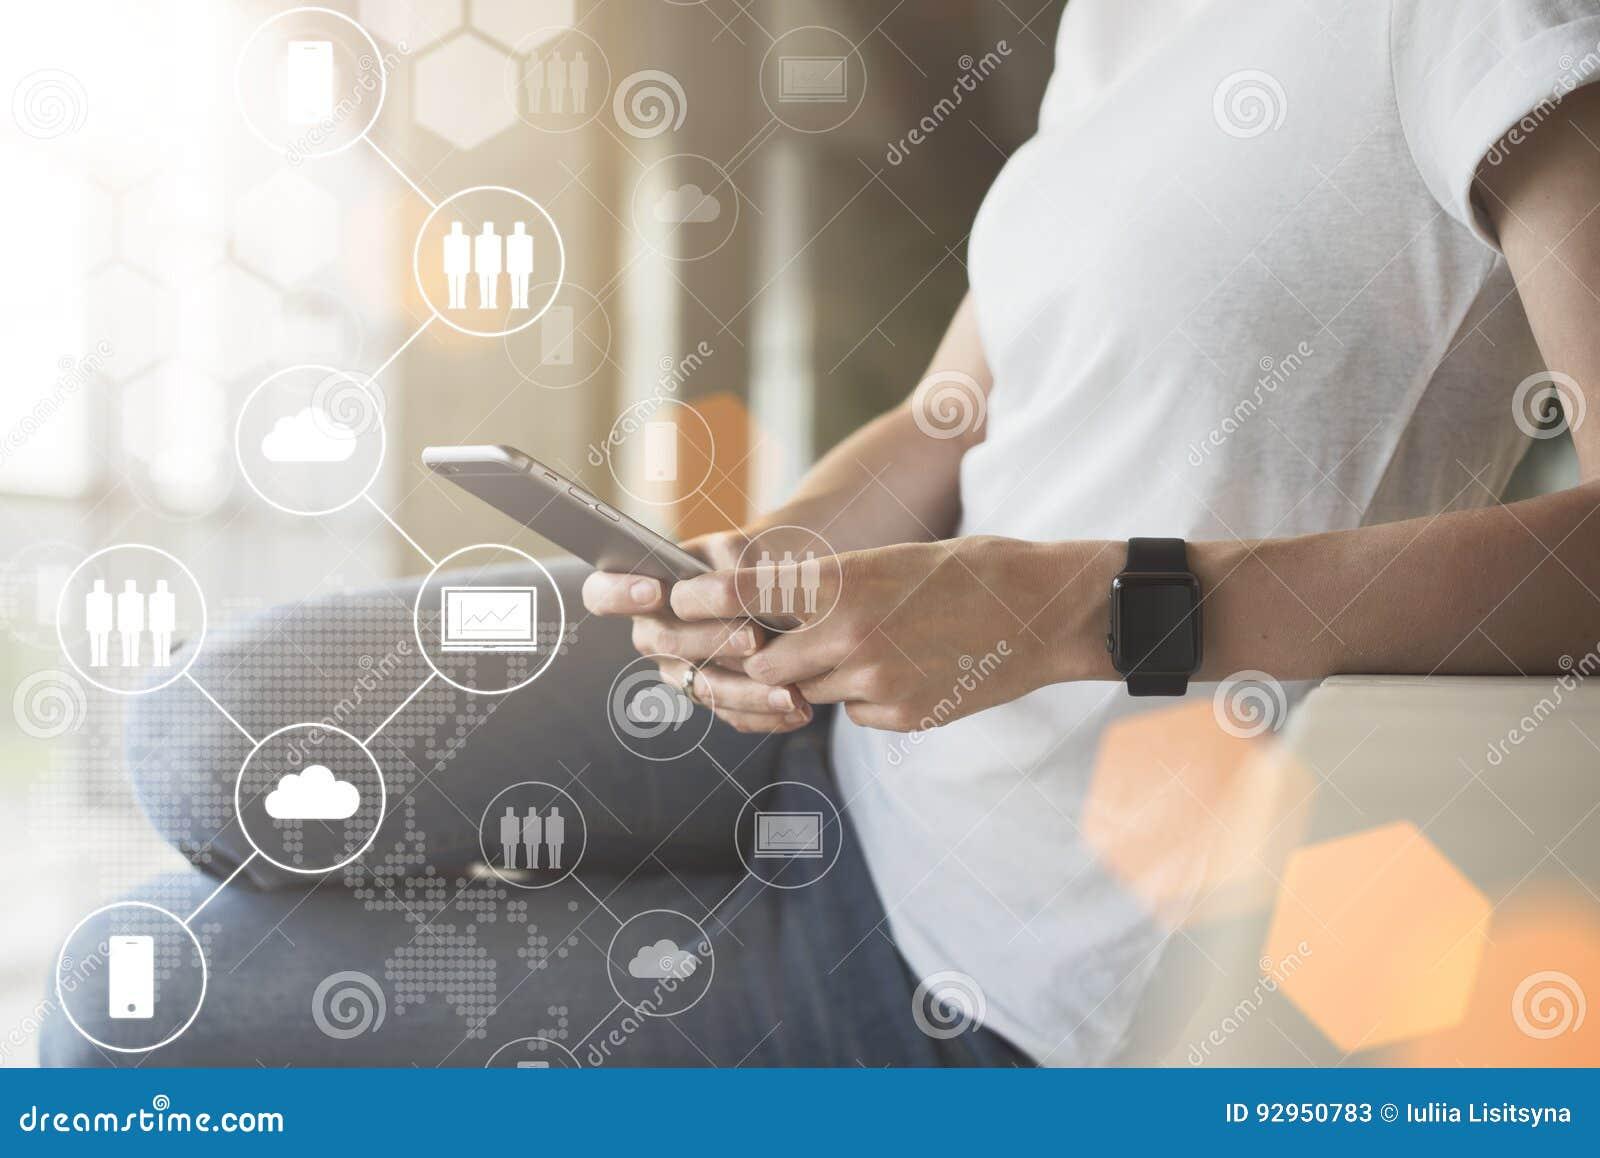 Närbild av smartphonen i händer av den unga hipsterkvinnan I förgrund är faktiska symboler med moln, folk, grejer